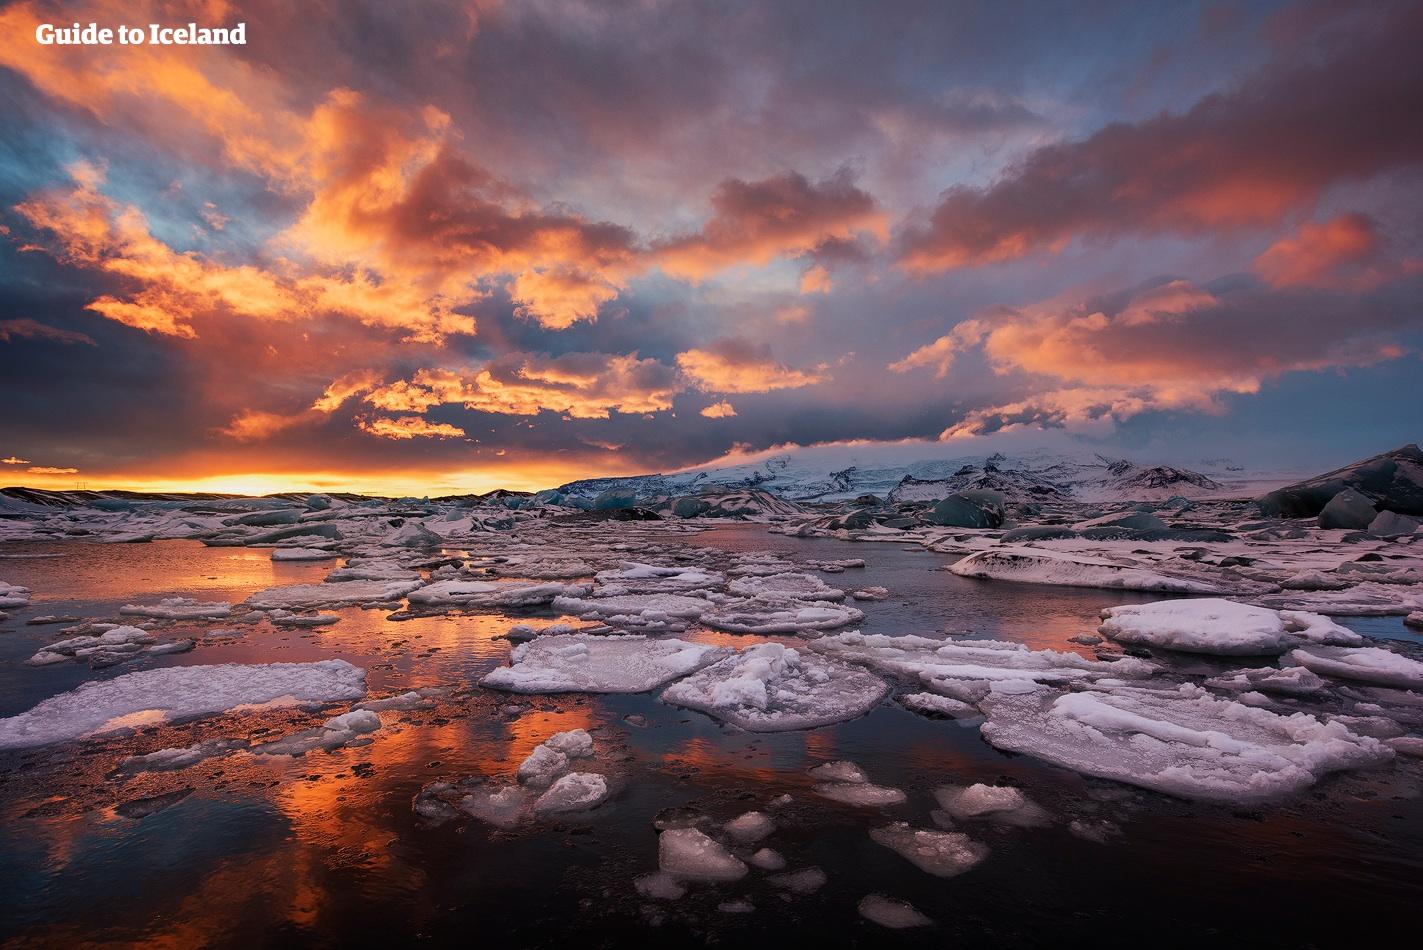 พระอาทิตย์เที่ยงคืนทำให้เกิดโอกาสที่ไม่รู้จบเพื่อที่จะได้สำรวจสิ่งมหัศจรรย์มากมายที่สามารถหาชมได้บริเวณทะเลสาบธารน้ำแข็งโจกุลซาลอน ที่ถือเป็นจุดหมายปลายทางท่องเที่ยวทางตะวันออกเฉียงใต้ของประเทศไอซ์แลนด์.